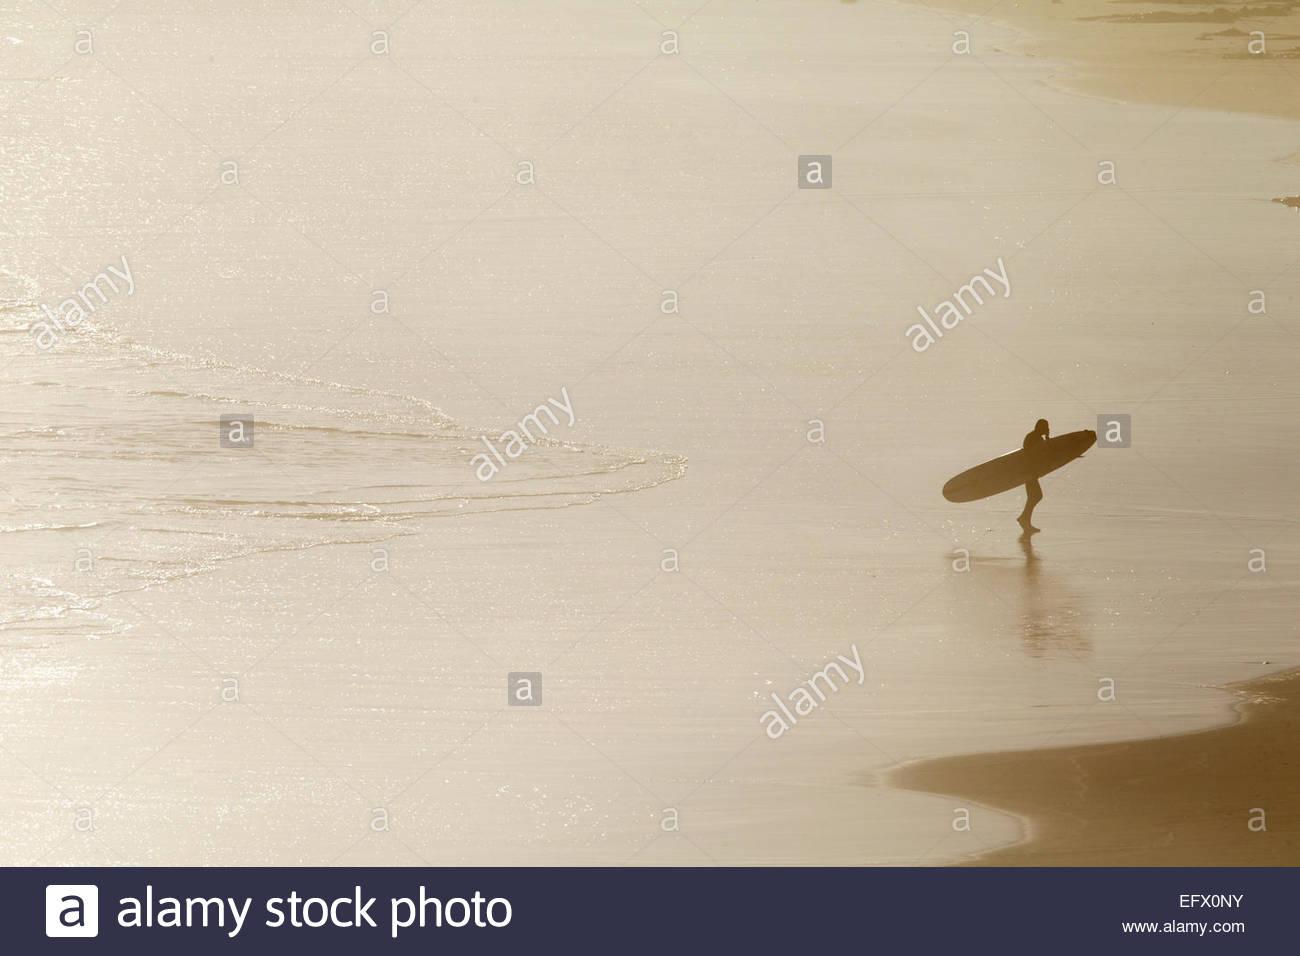 Surfer carrying surf board, marcher le long de la mer plage Photo Stock